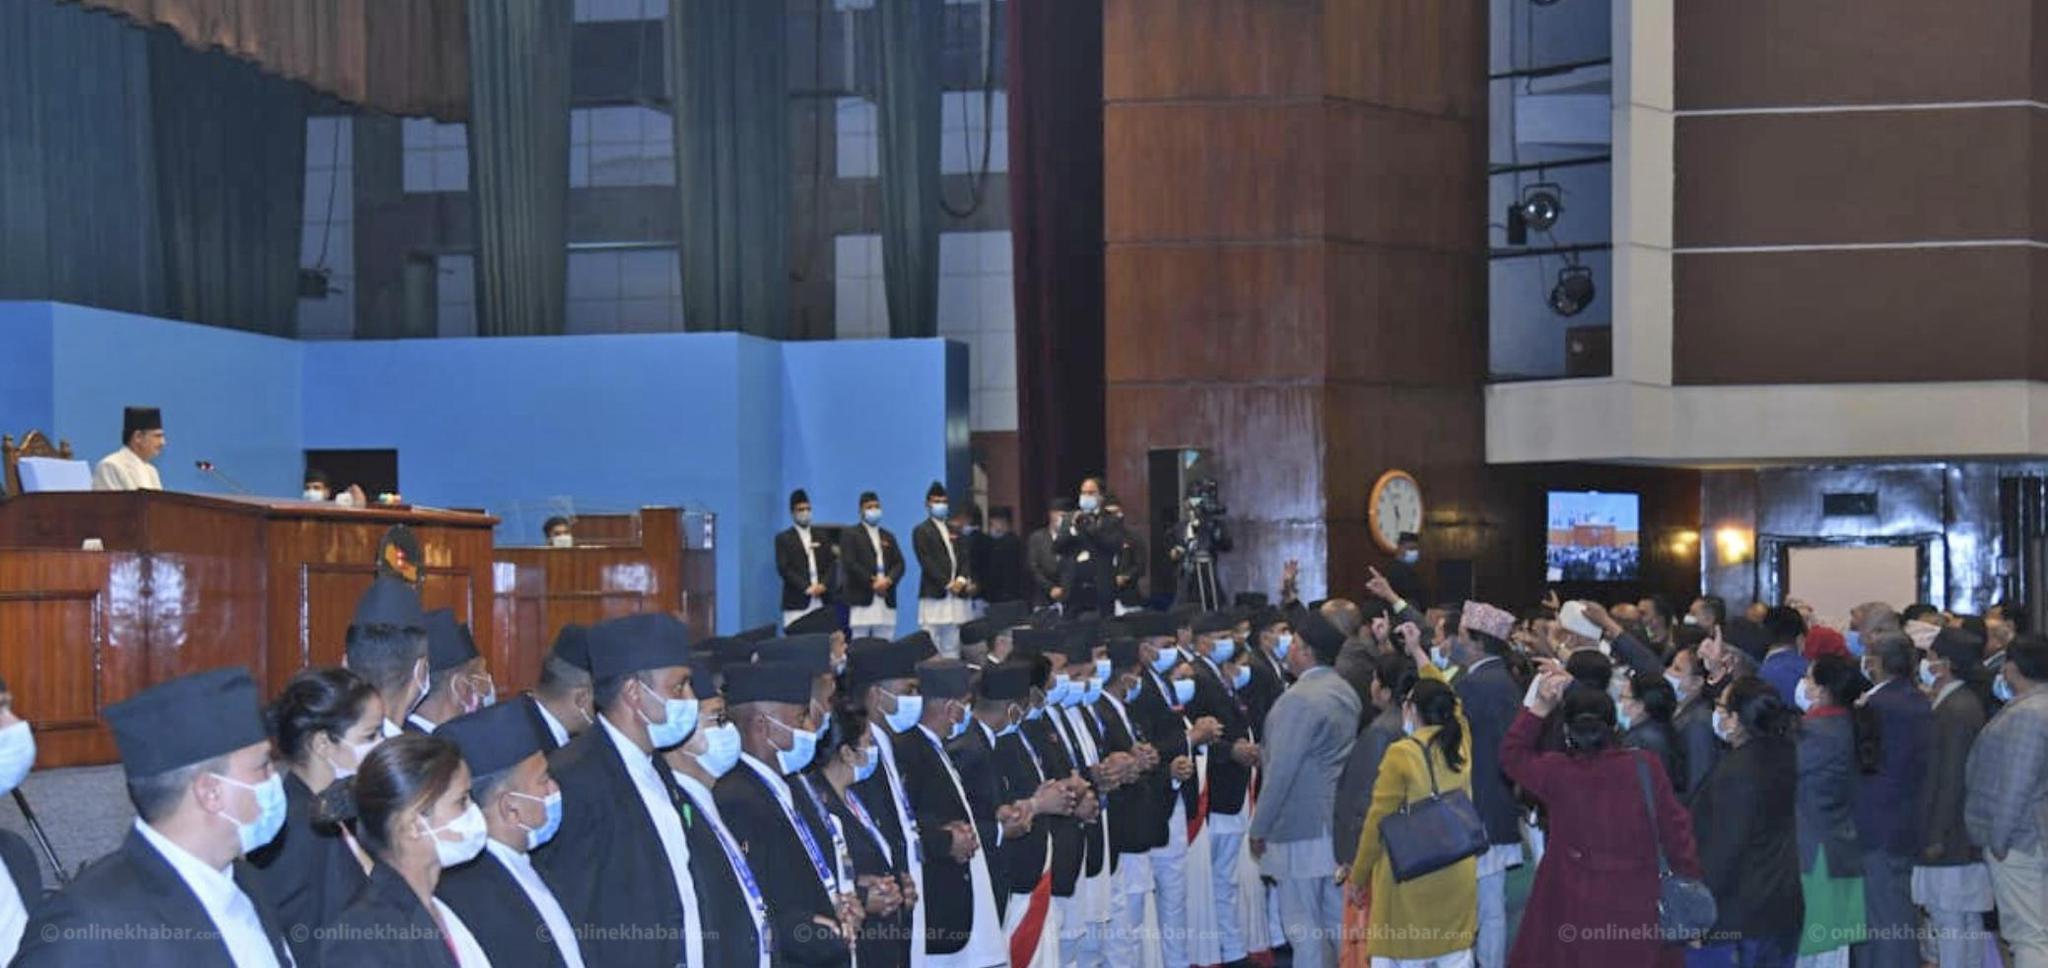 尼泊尔众议院重启后首次会议遭多派抵制 被迫推迟